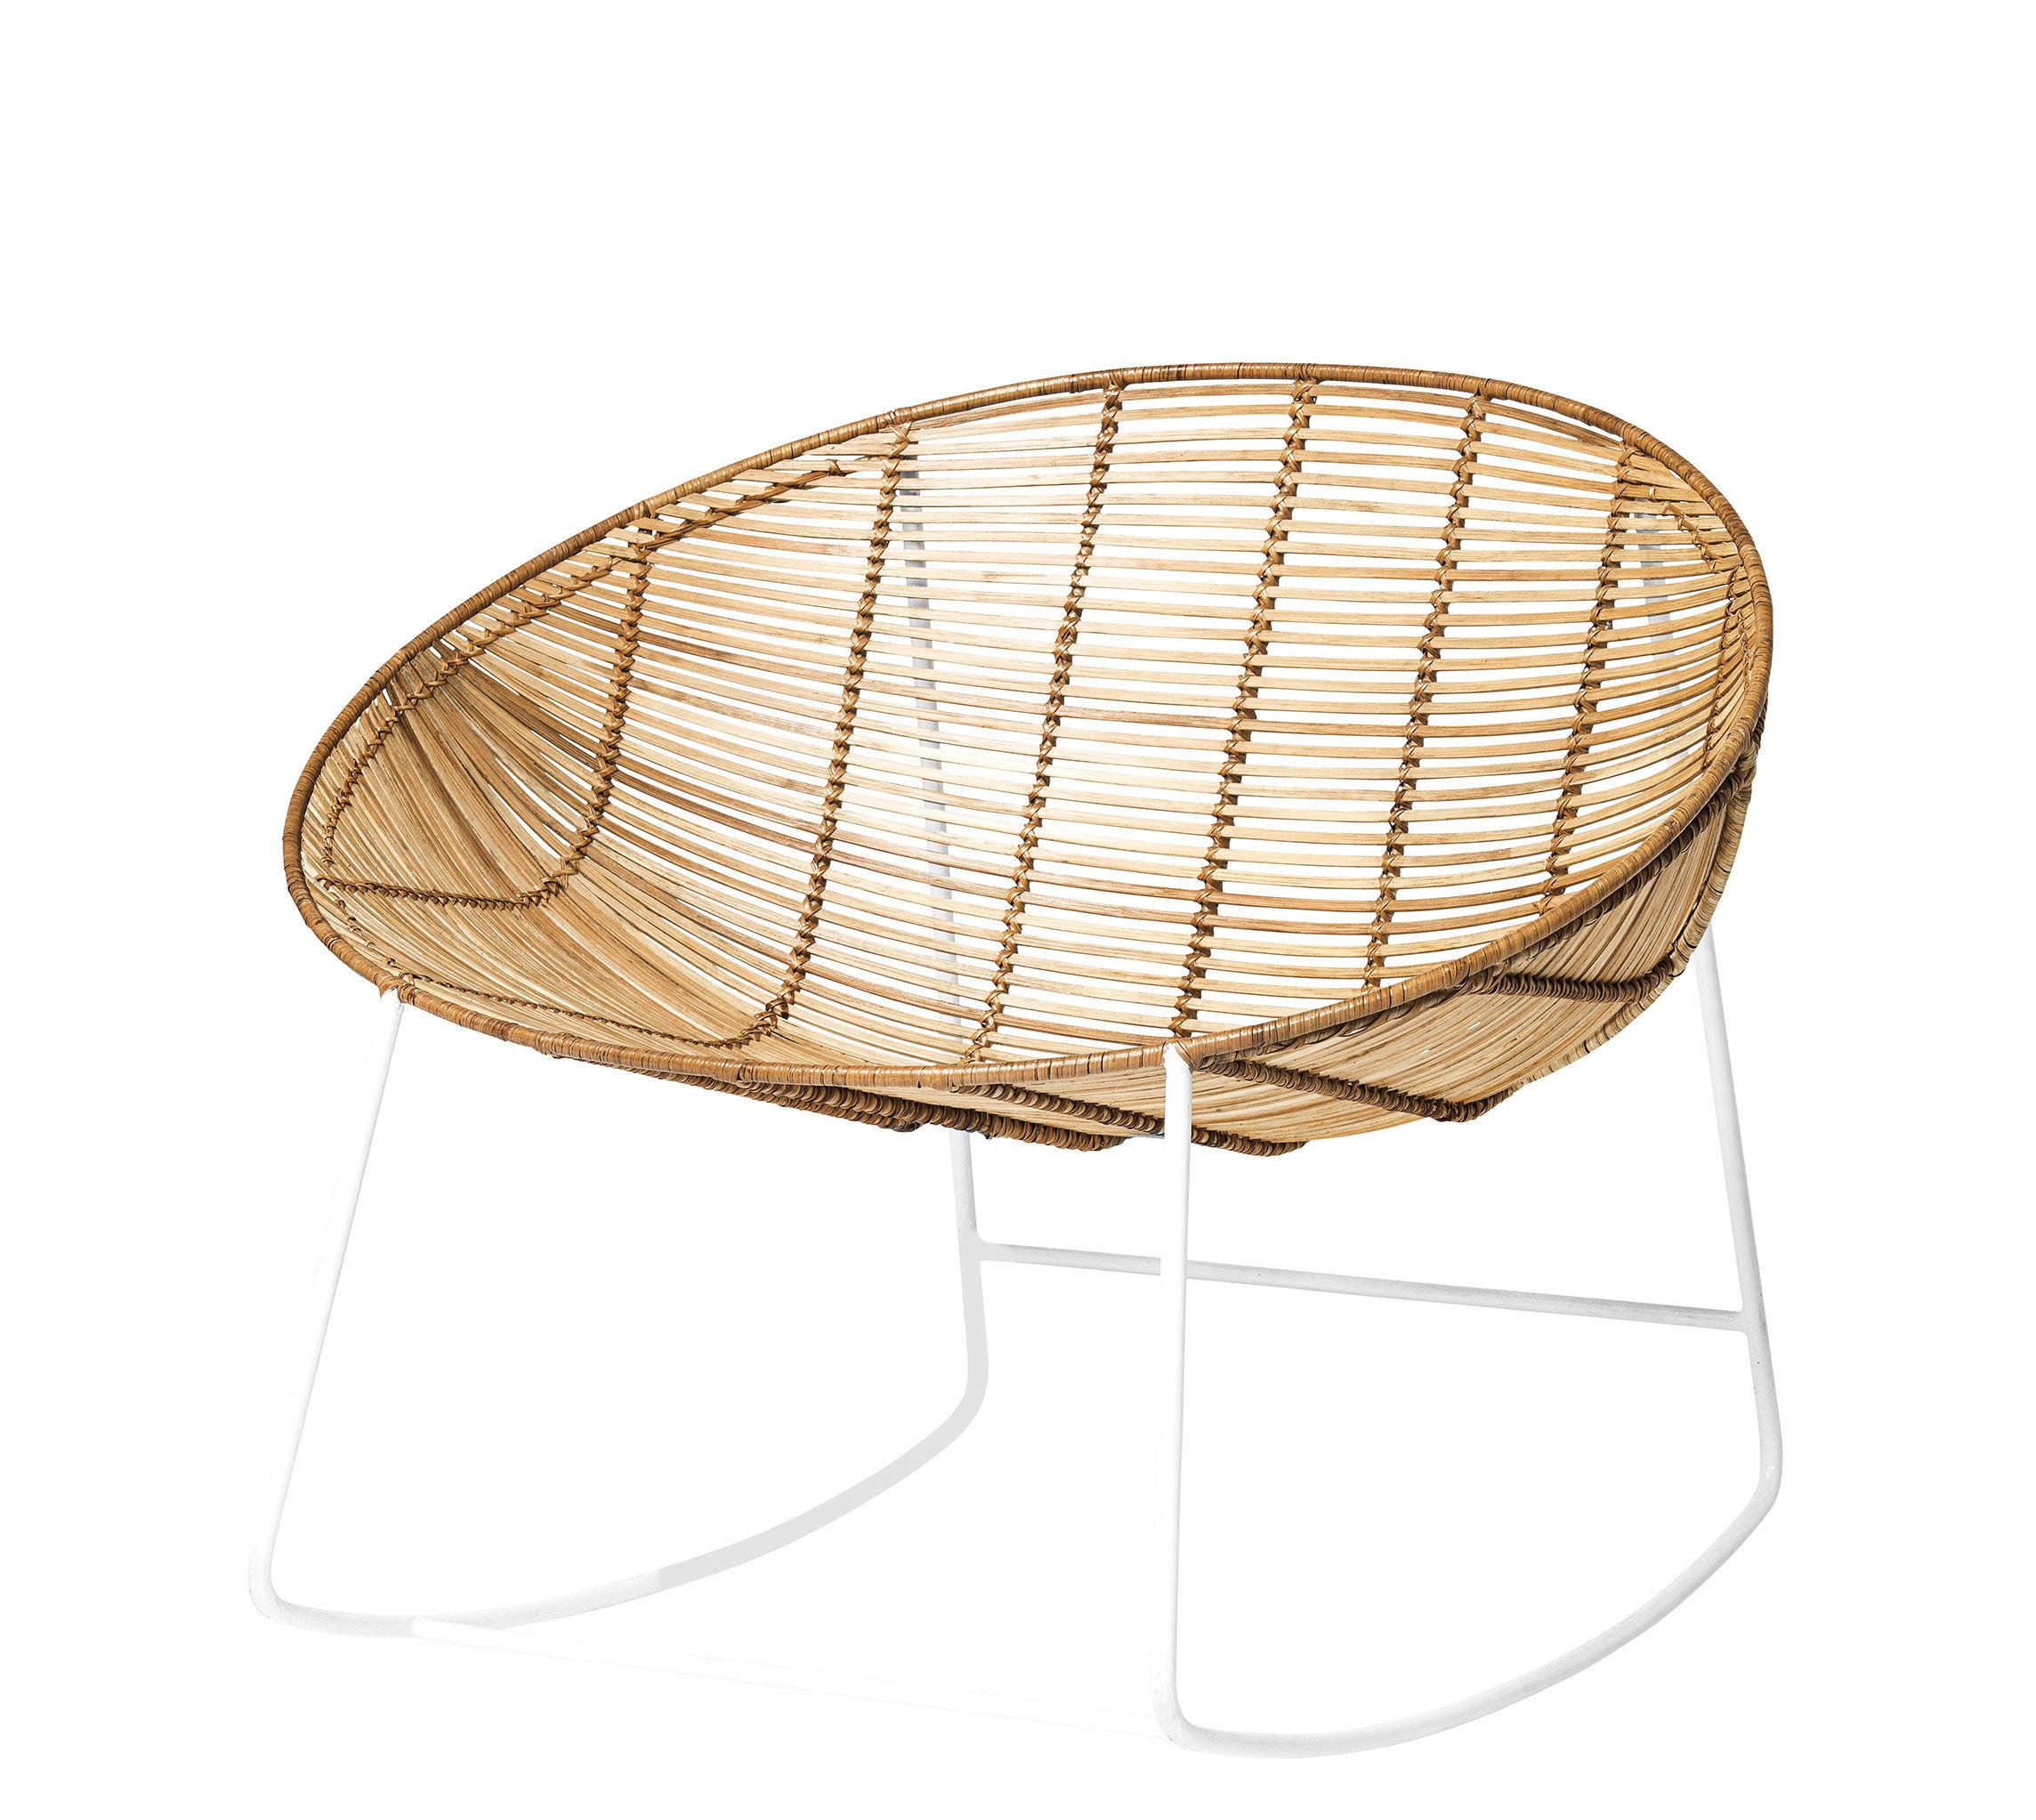 Mobilier - Fauteuils - Rocking chair Orinoco / Rotin & métal - Bloomingville - Naturel / Blanc - Métal laqué, Rotin